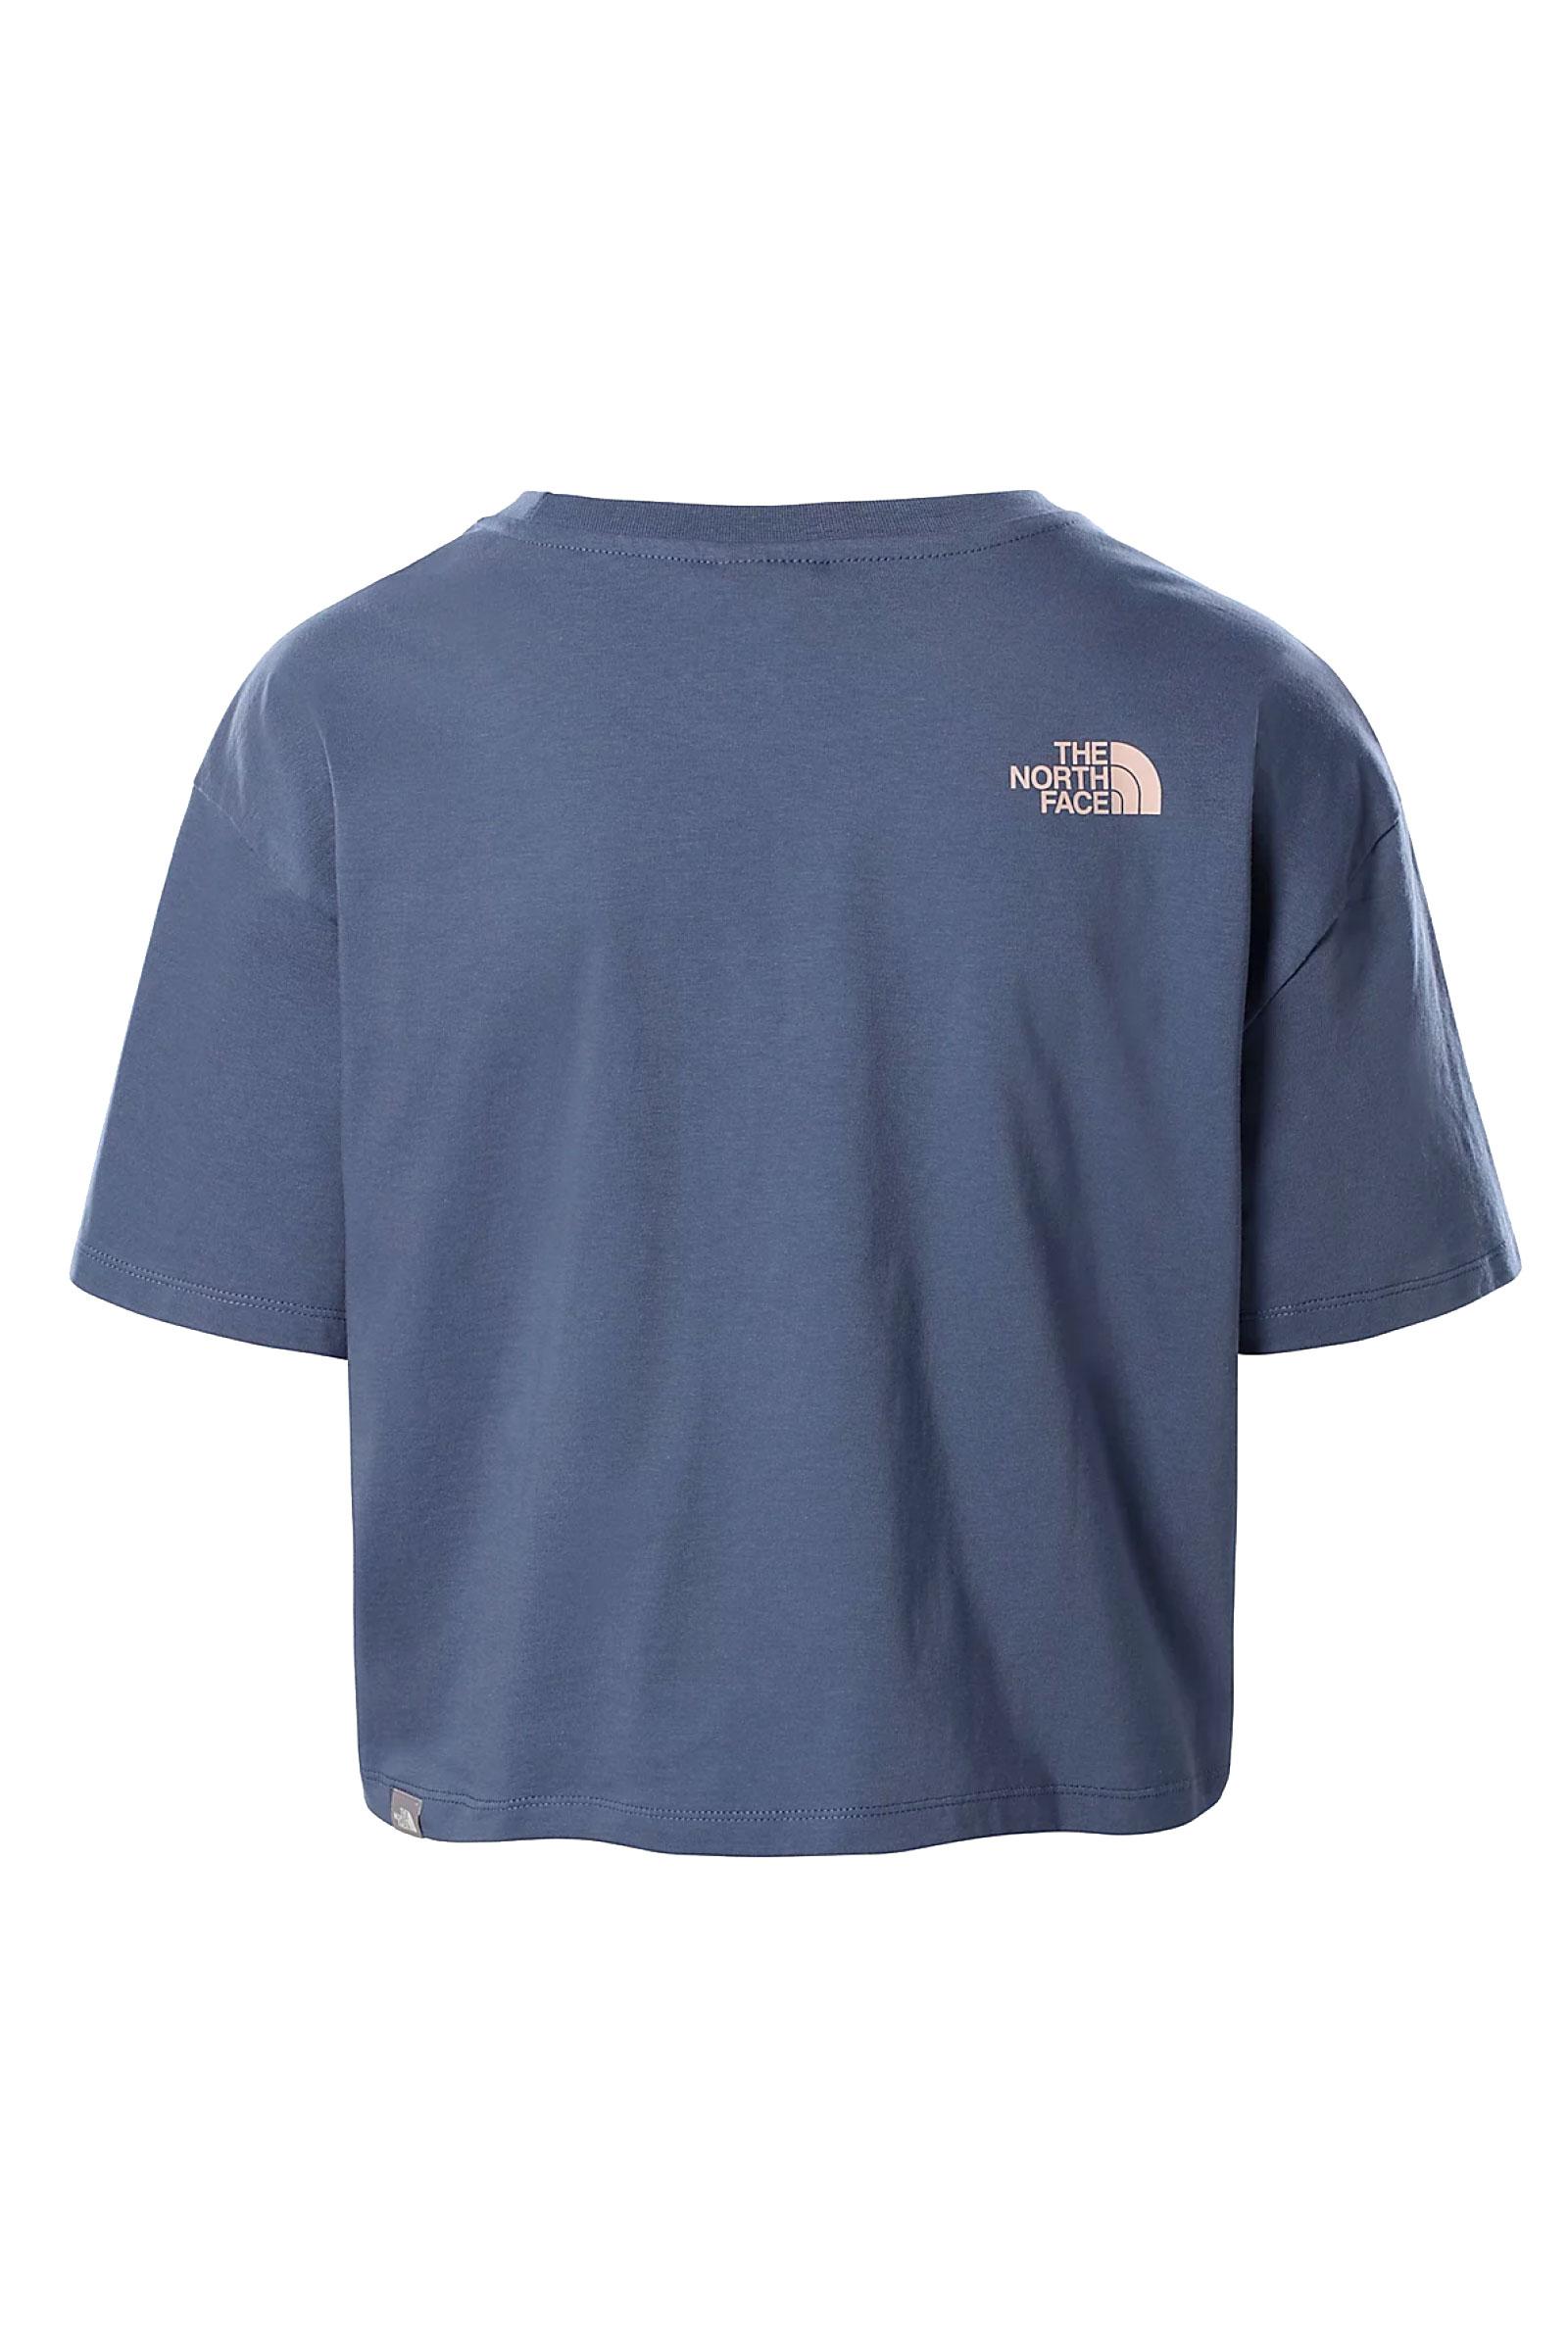 THE NORTH FACE | T-Shirt | NF0A4T1R0GU1